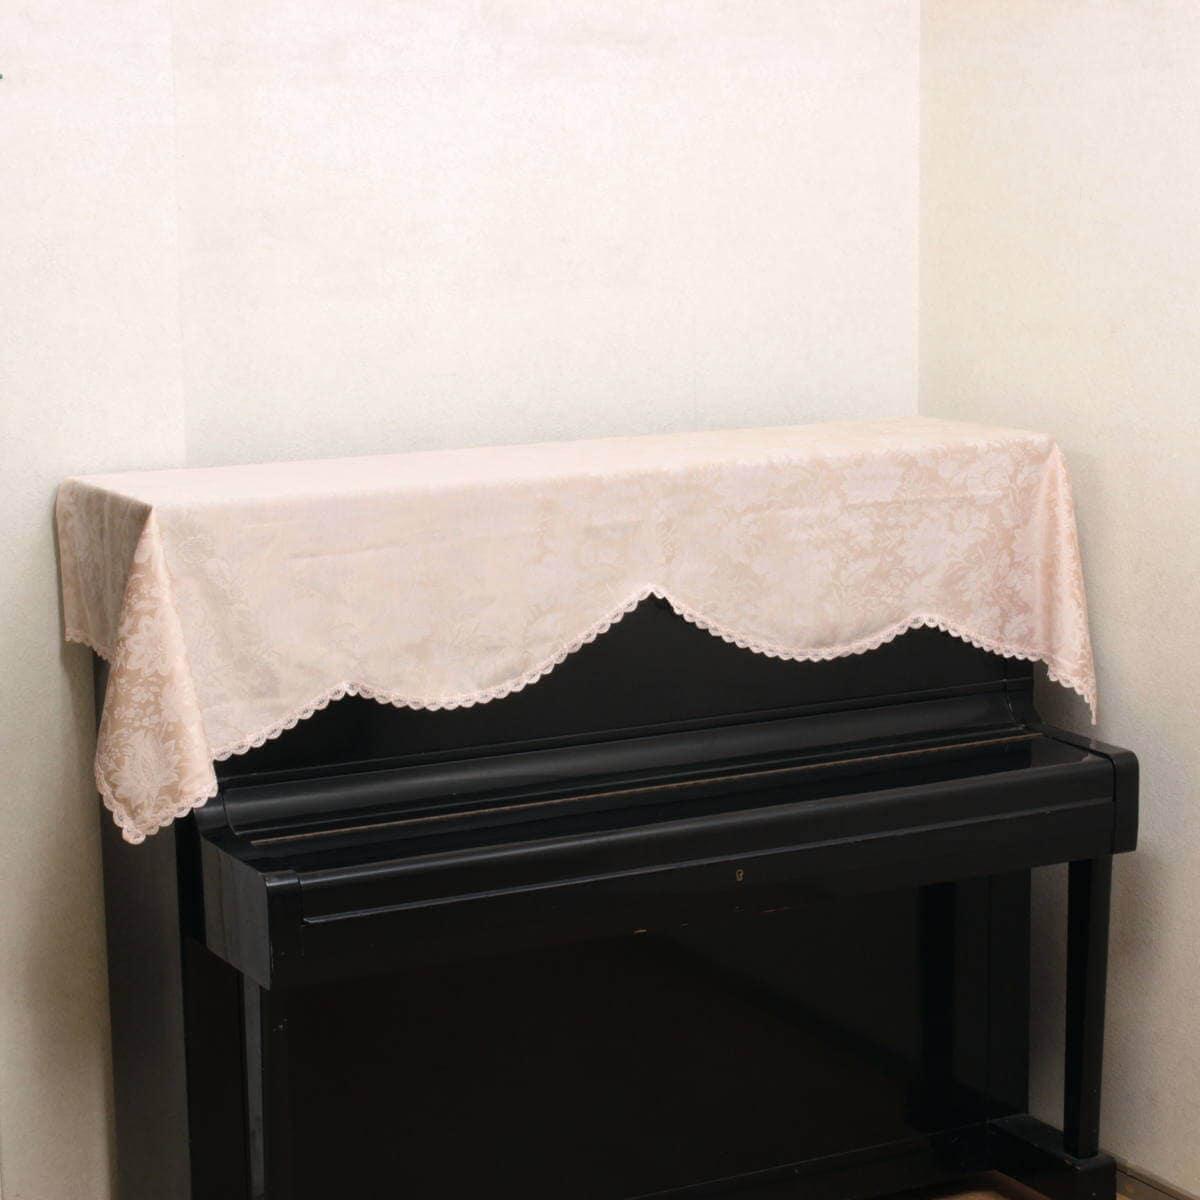 はっ水加工ジャカード織エレガントフラワーのピアノカバー,ピンクです。